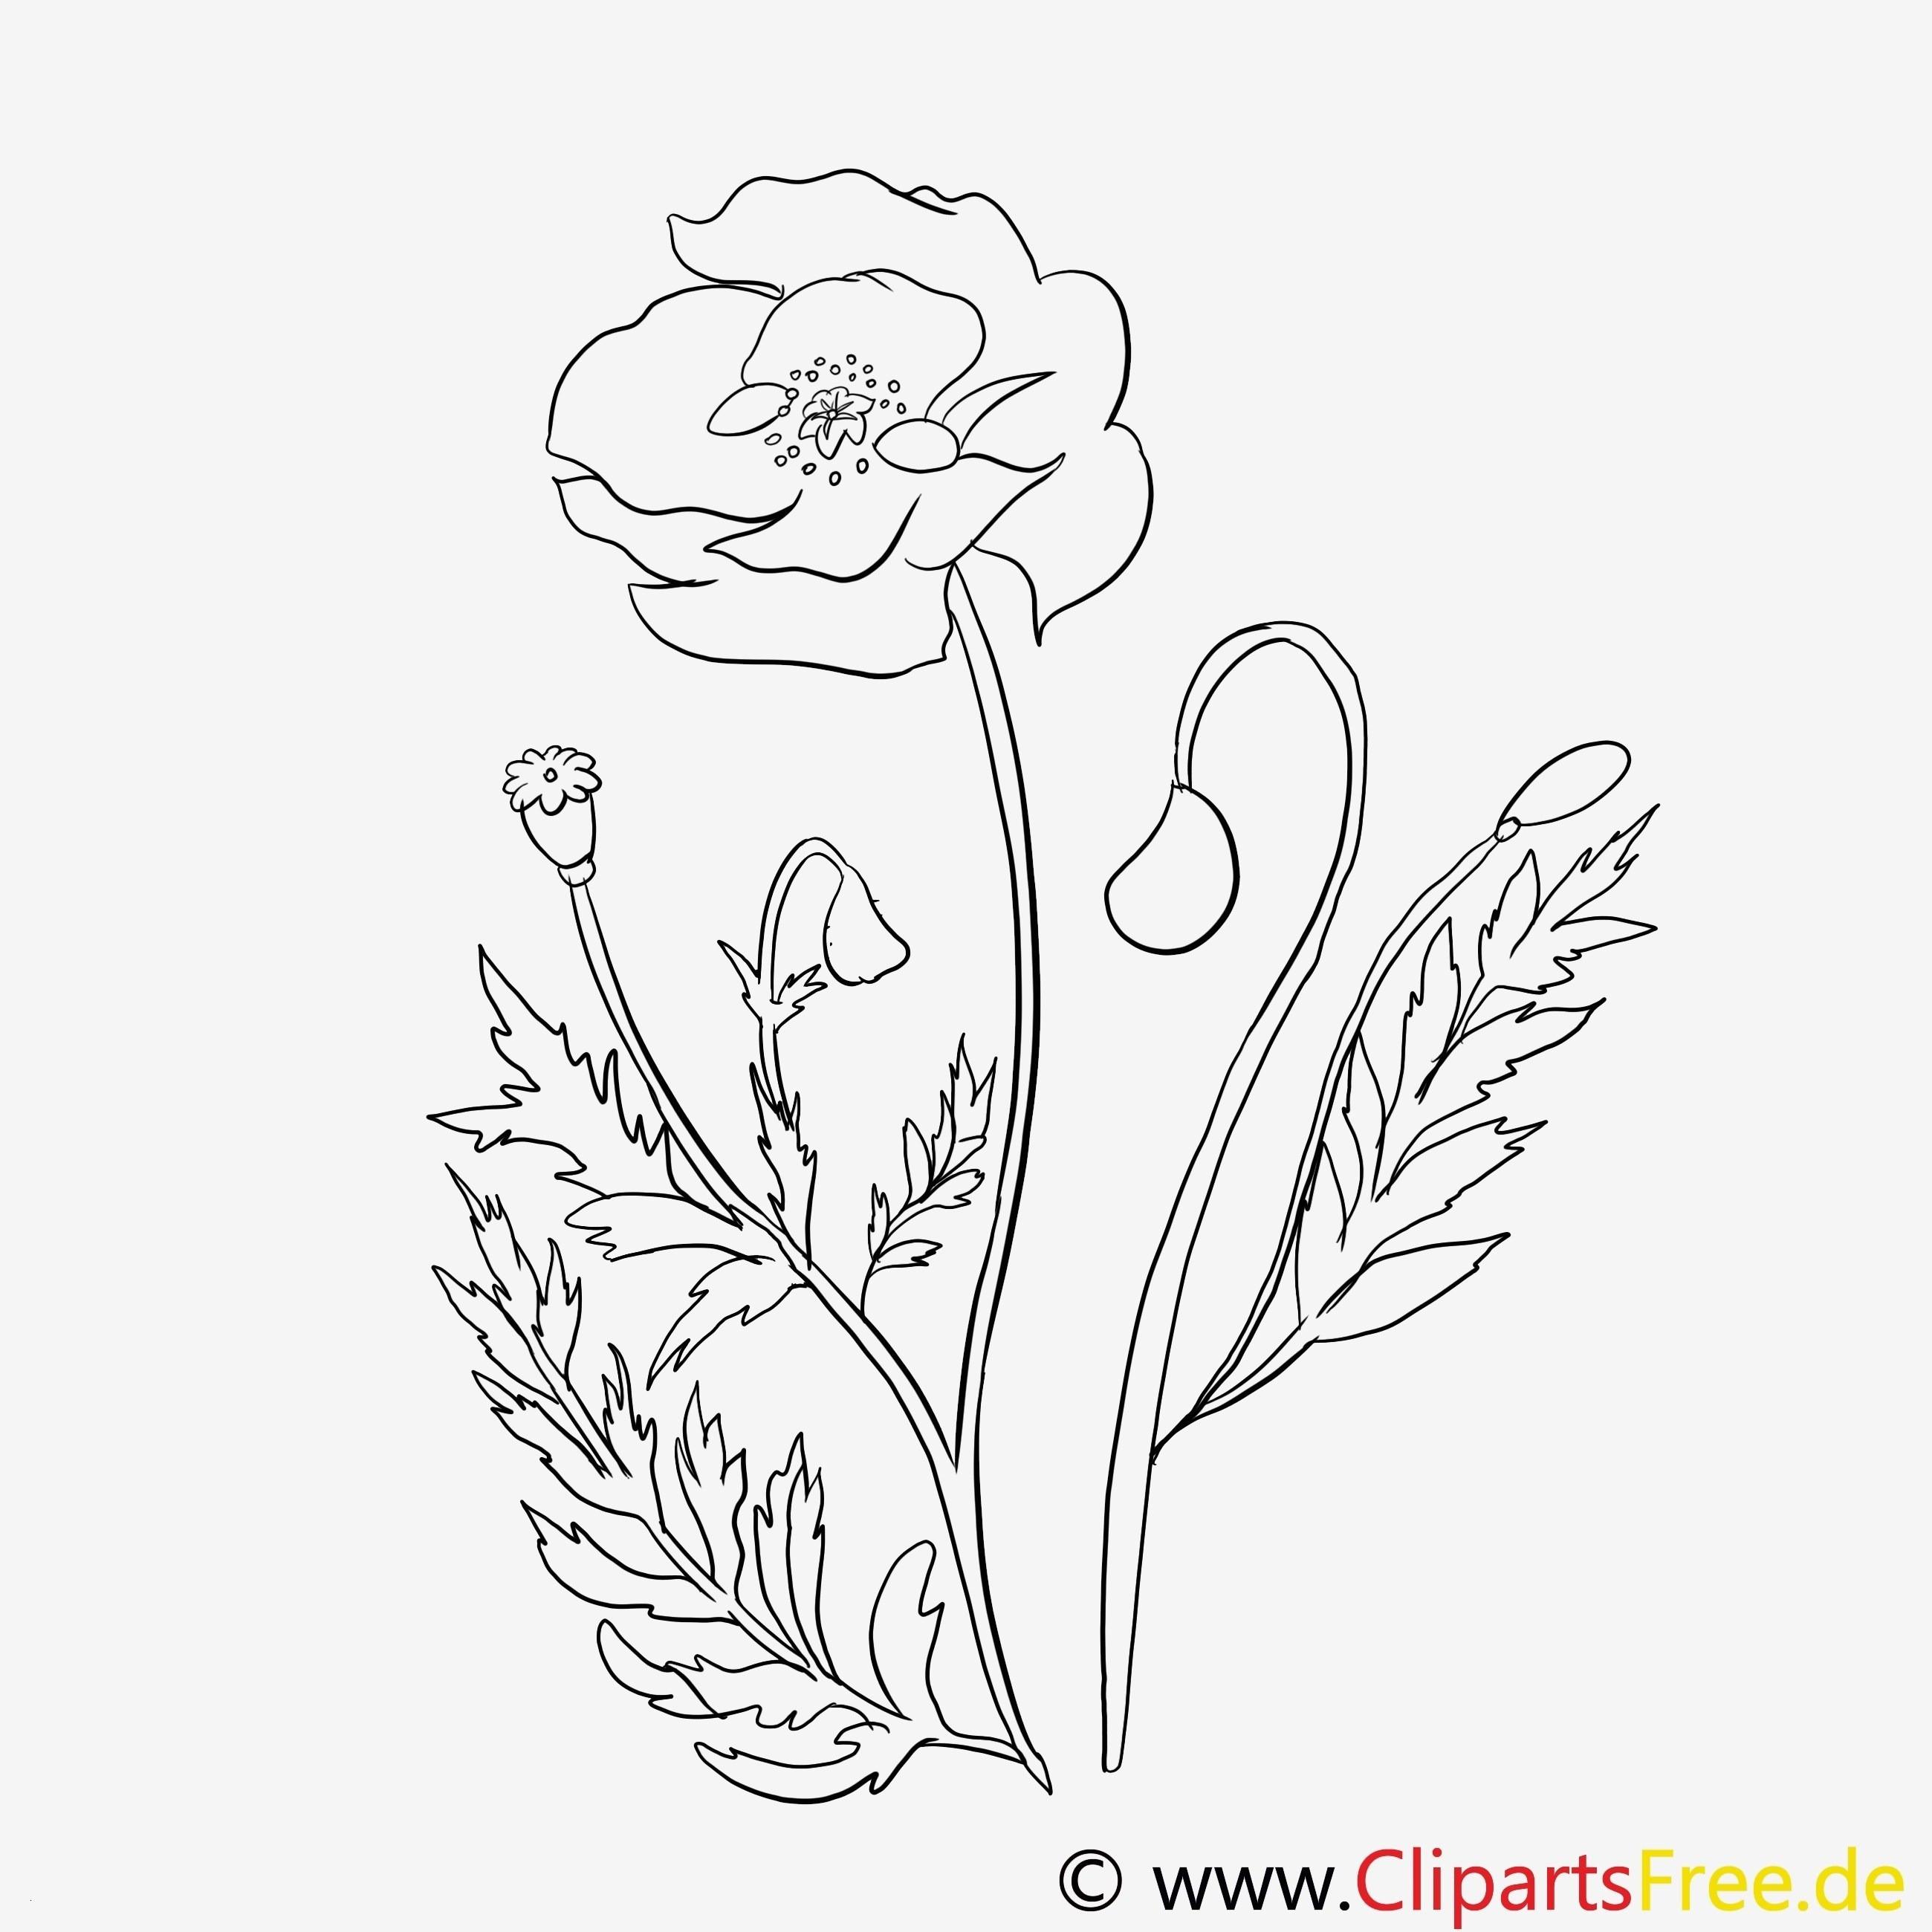 Malvorlagen Blumen Ranken Kostenlos Das Beste Von 40 Ausmalbilder Blumen Scoredatscore Inspirierend Kostenlose Bild